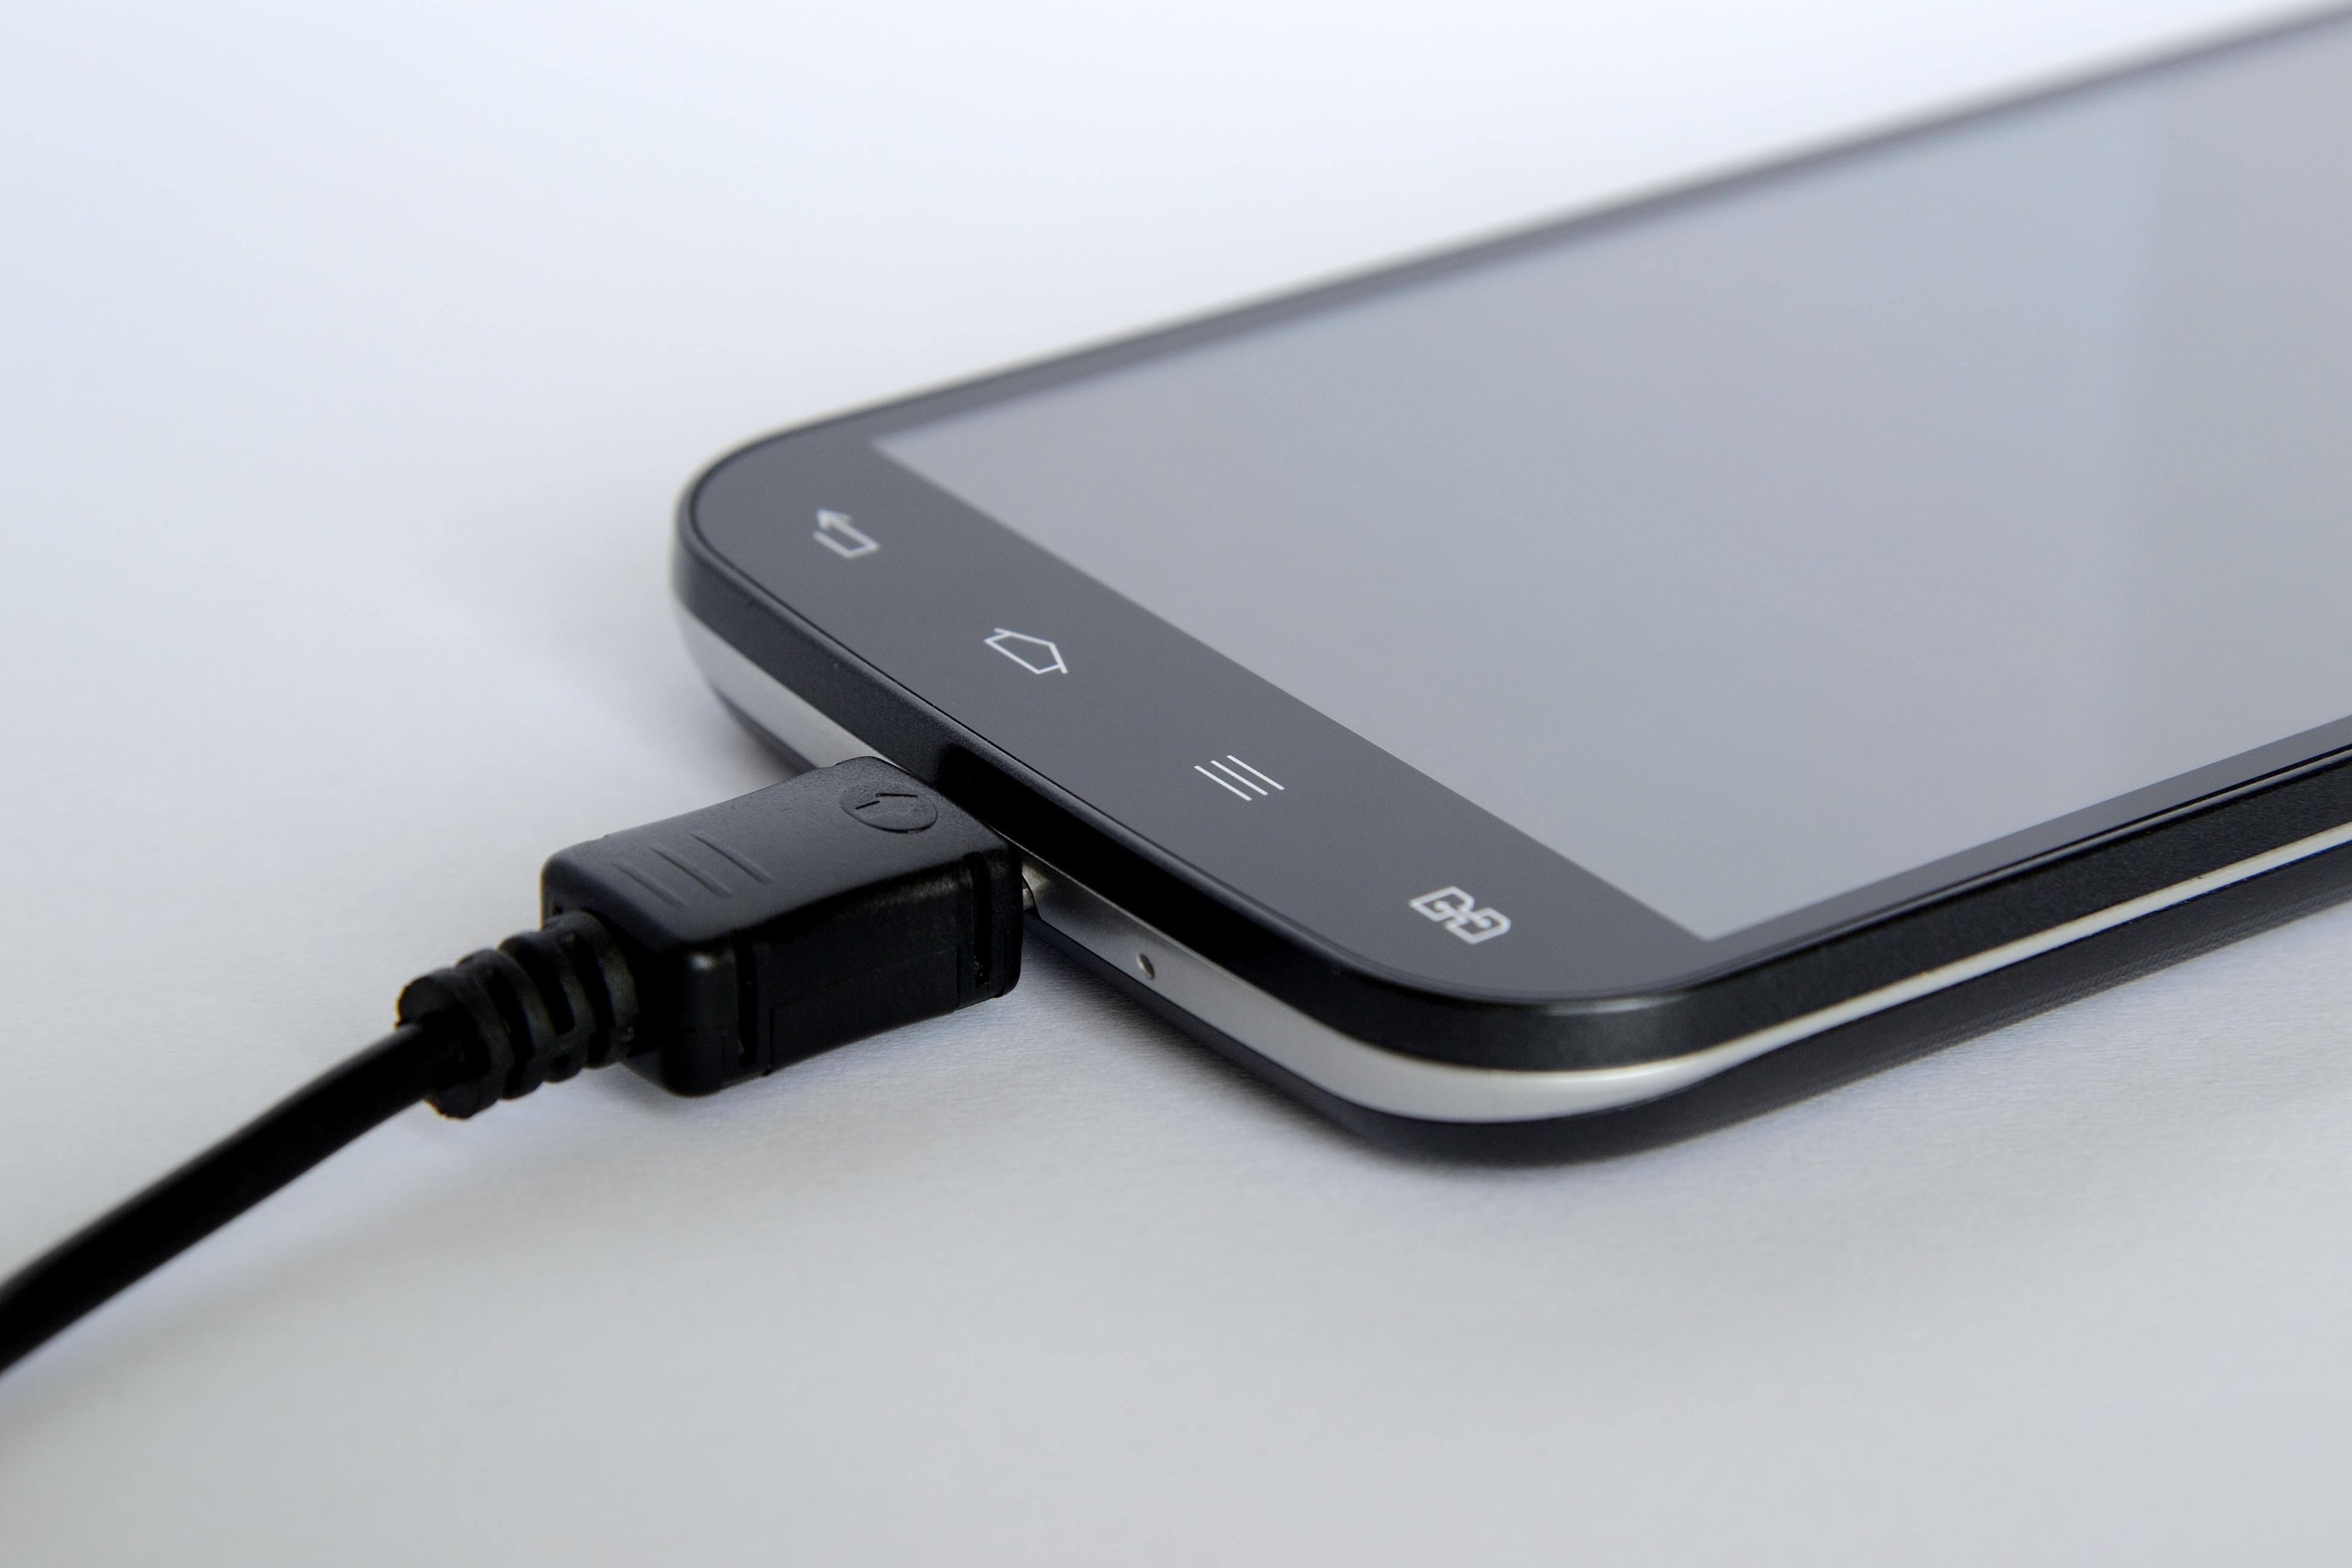 Как фотографировать при низкой зарядки на телефоне